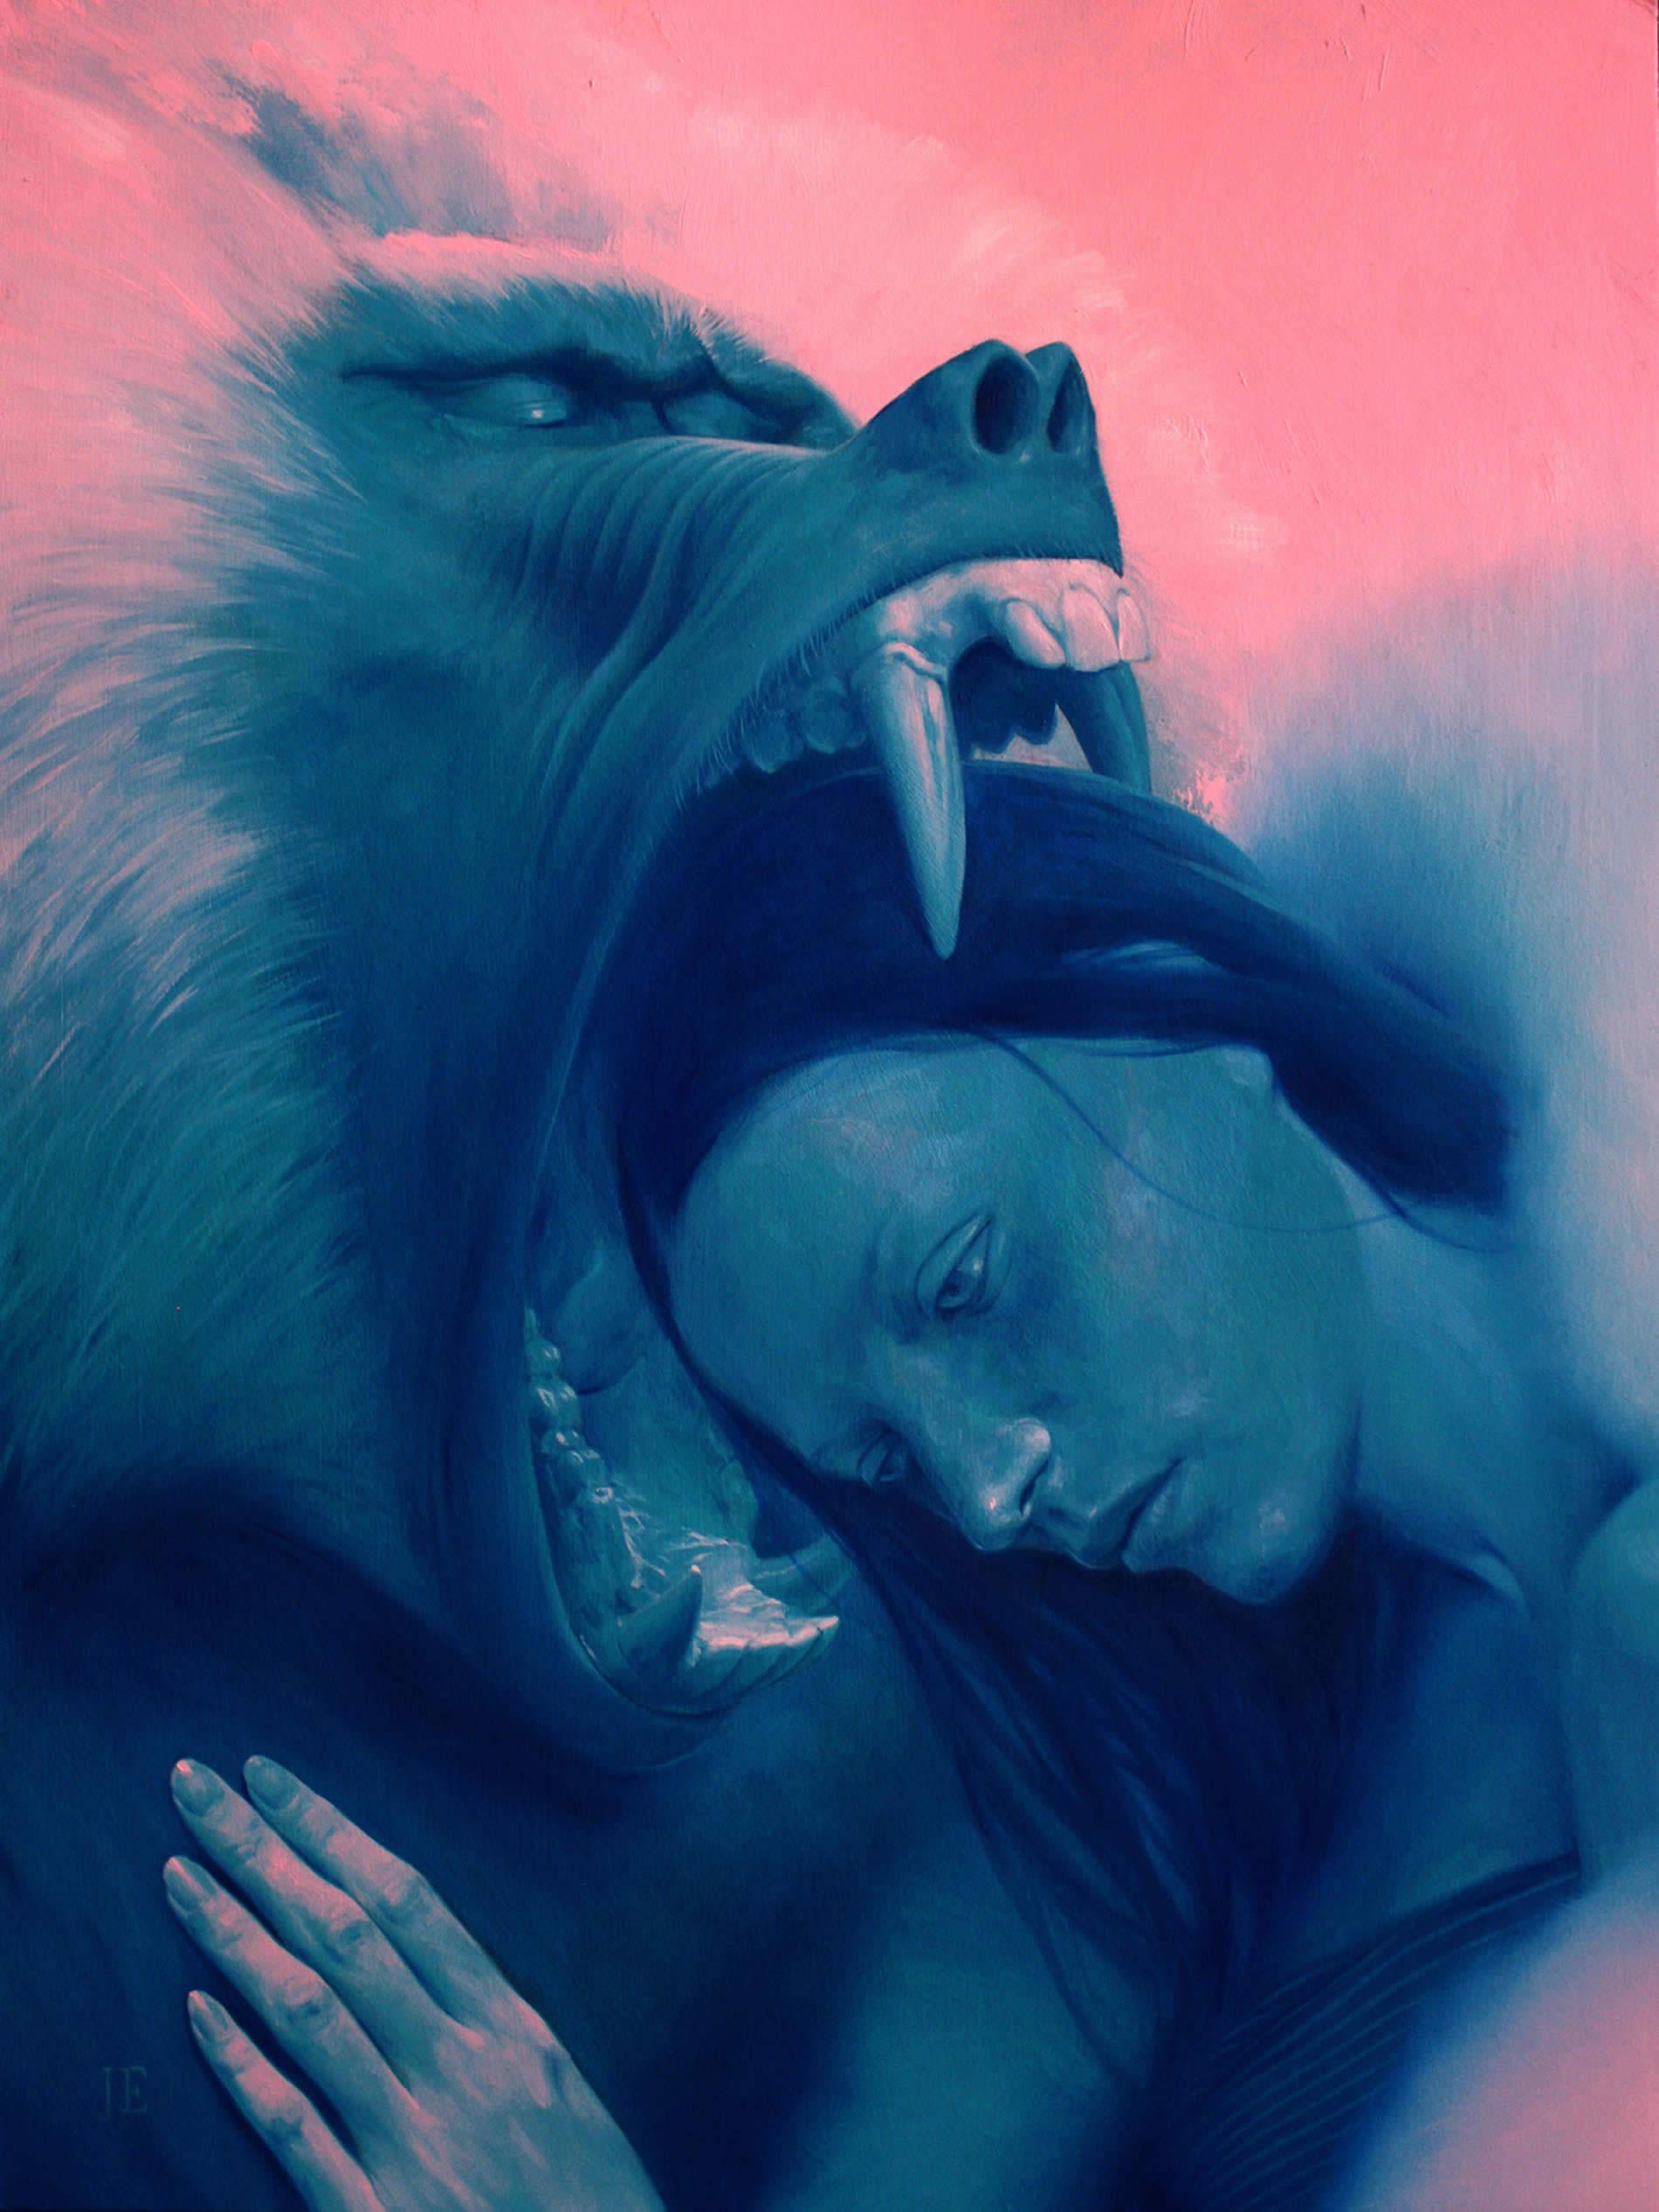 Jeremy Enecio Reveals Secrets About His Paintings